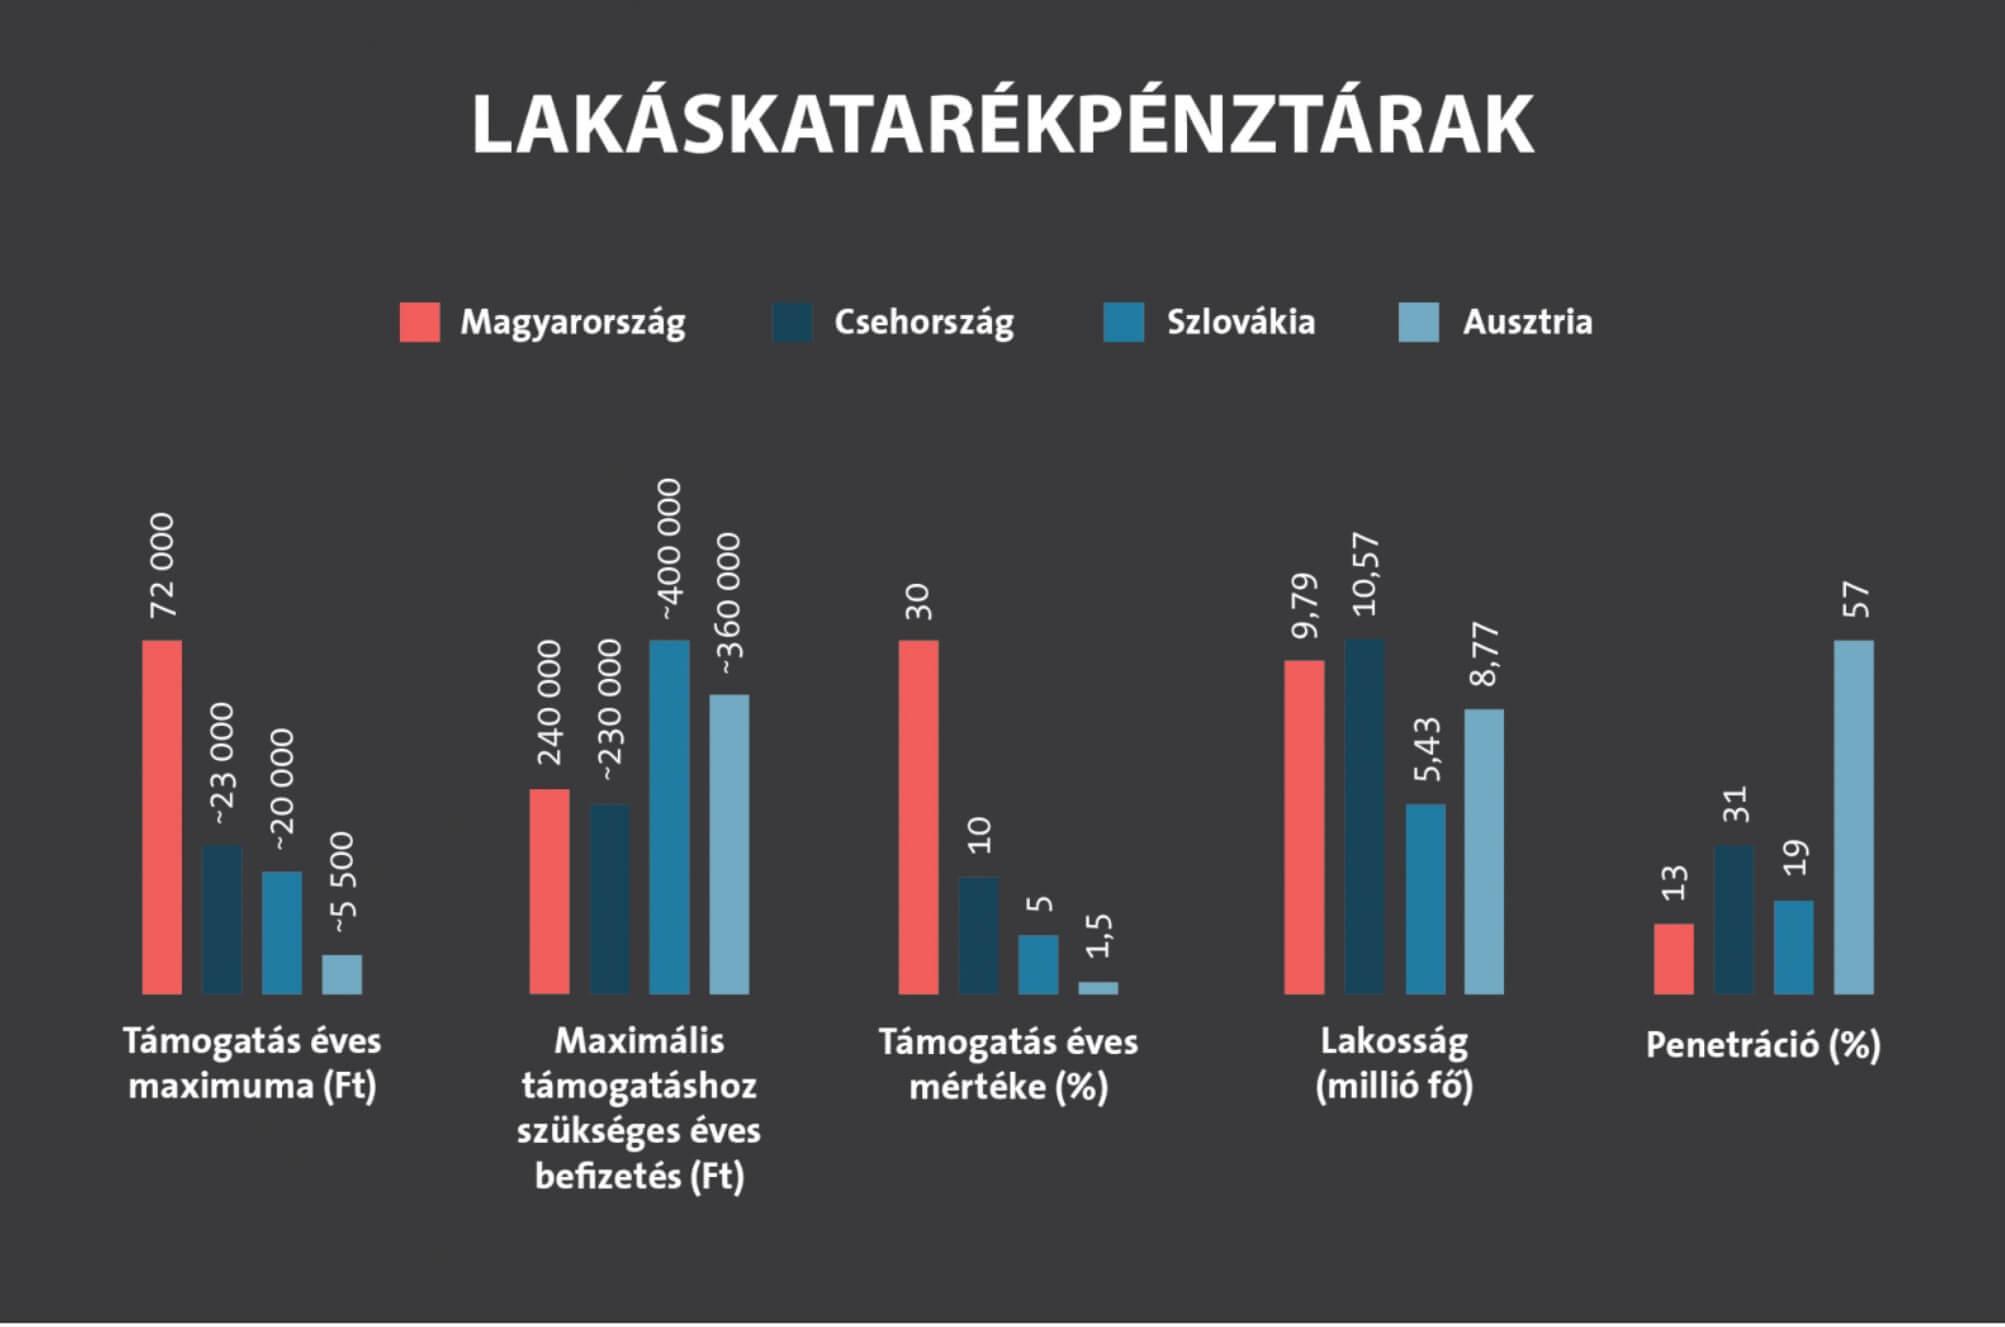 lemaradtak a lakástakarékról- lakástakarék összehasonlítás a környező országokban